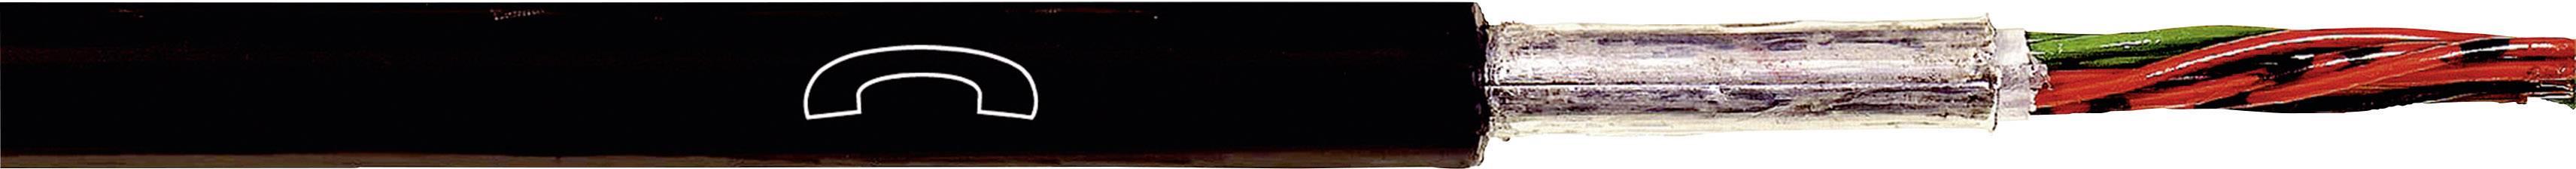 Kabel LappKabel A-2Y(L)2Y...ST III BD 4X2X0,8 (1591151), 10,9 mm, stíněný, černá, 1000 m